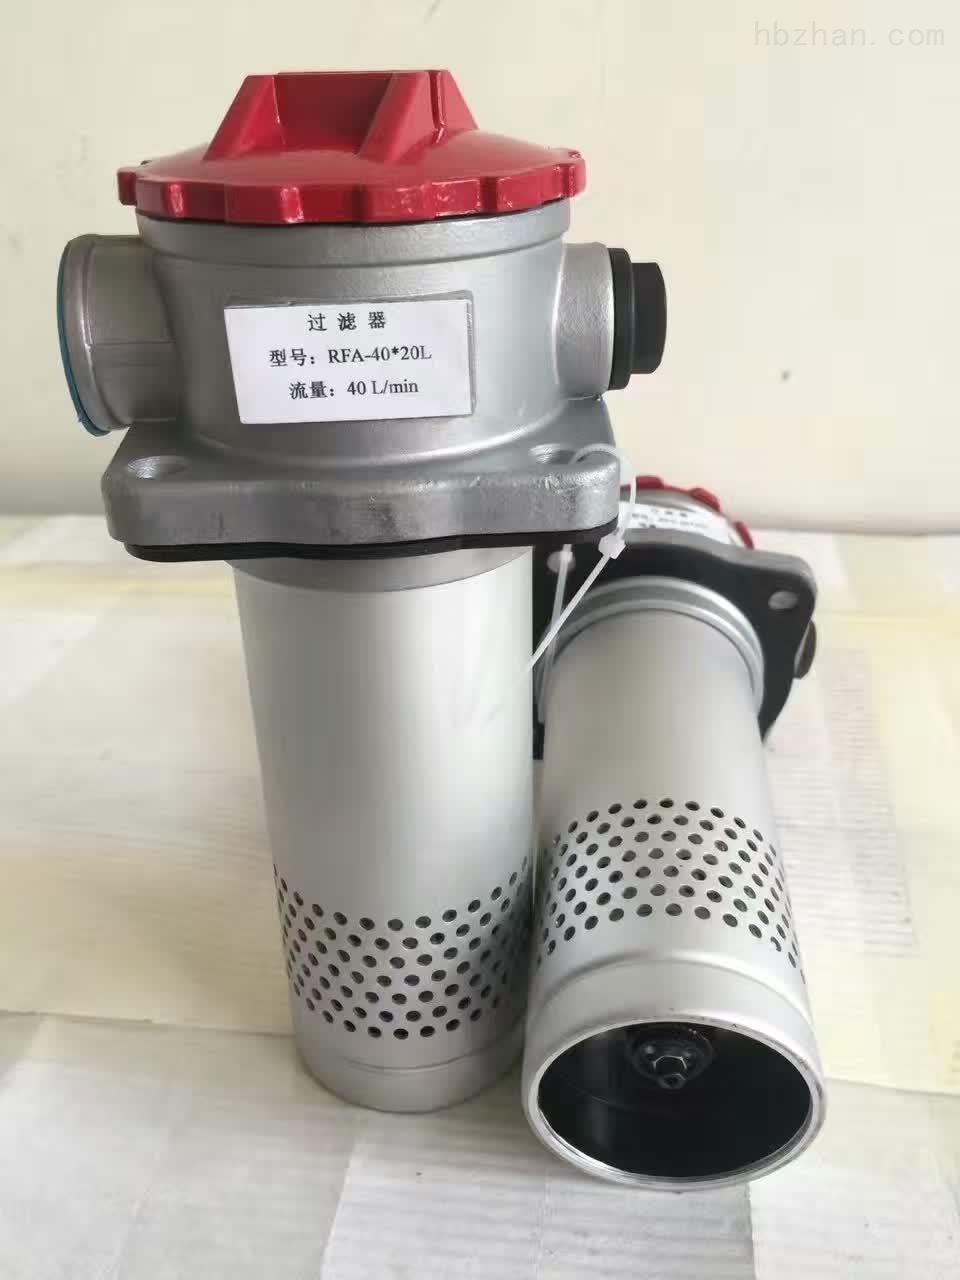 RFA-40x20L黎明液压过滤器